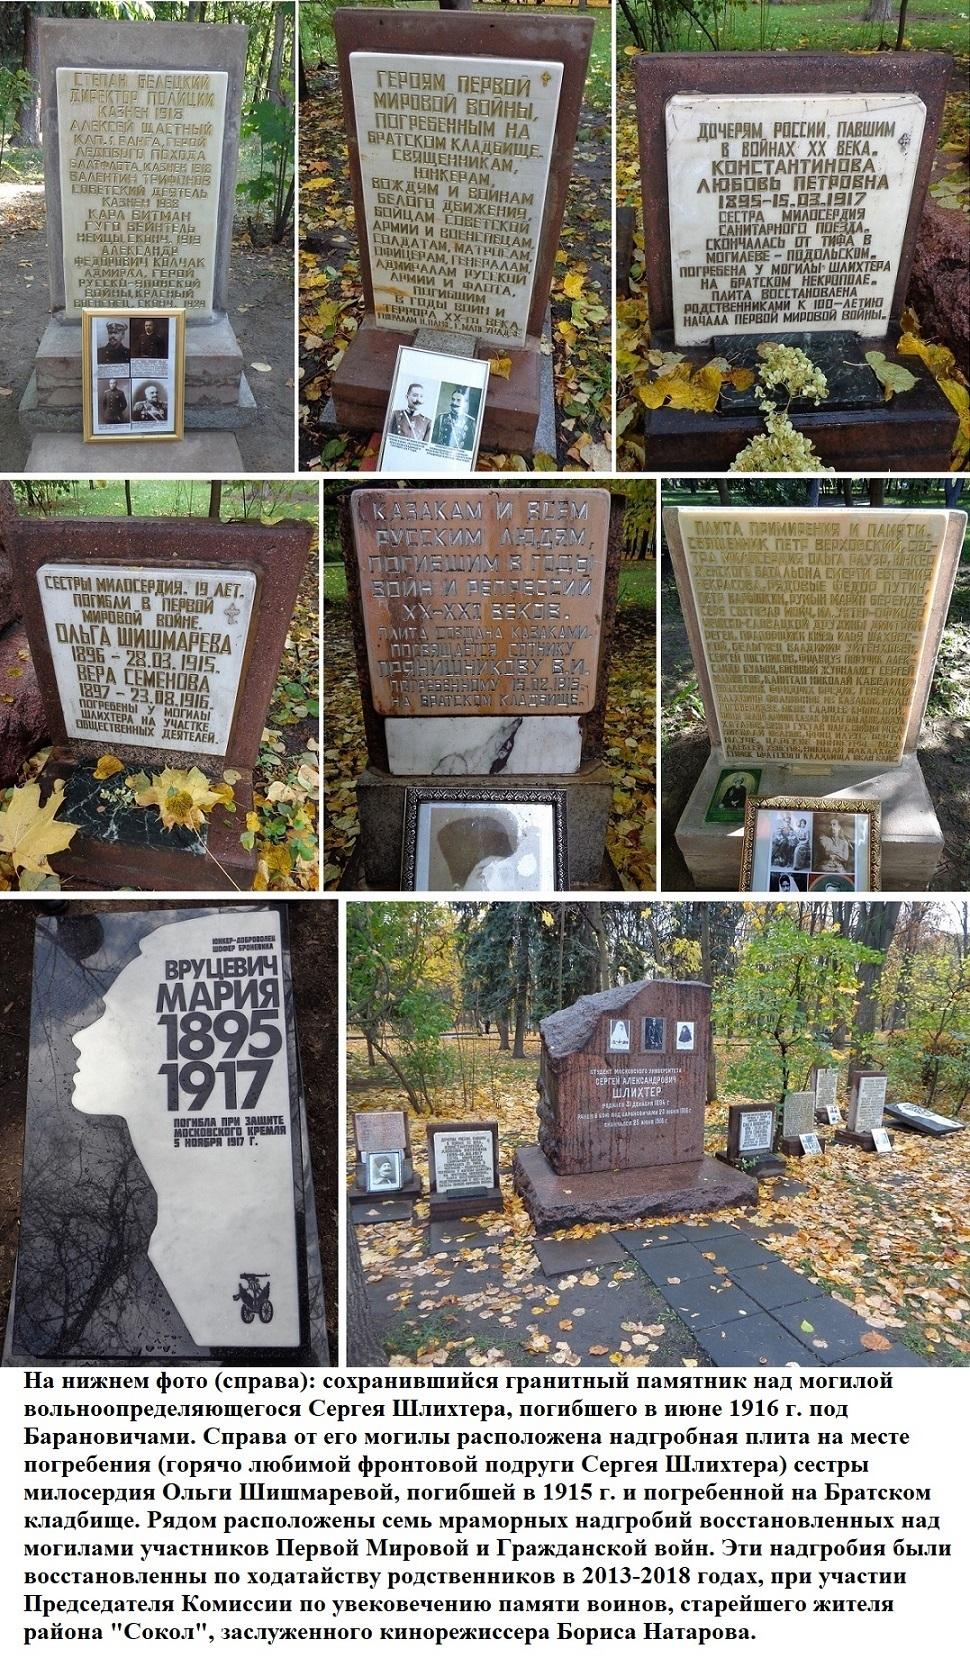 7-го сентября 2019 г. помянут жертв массовых репрессий, погребенных на Братском кладбище героев Первой мировой войны. H-559